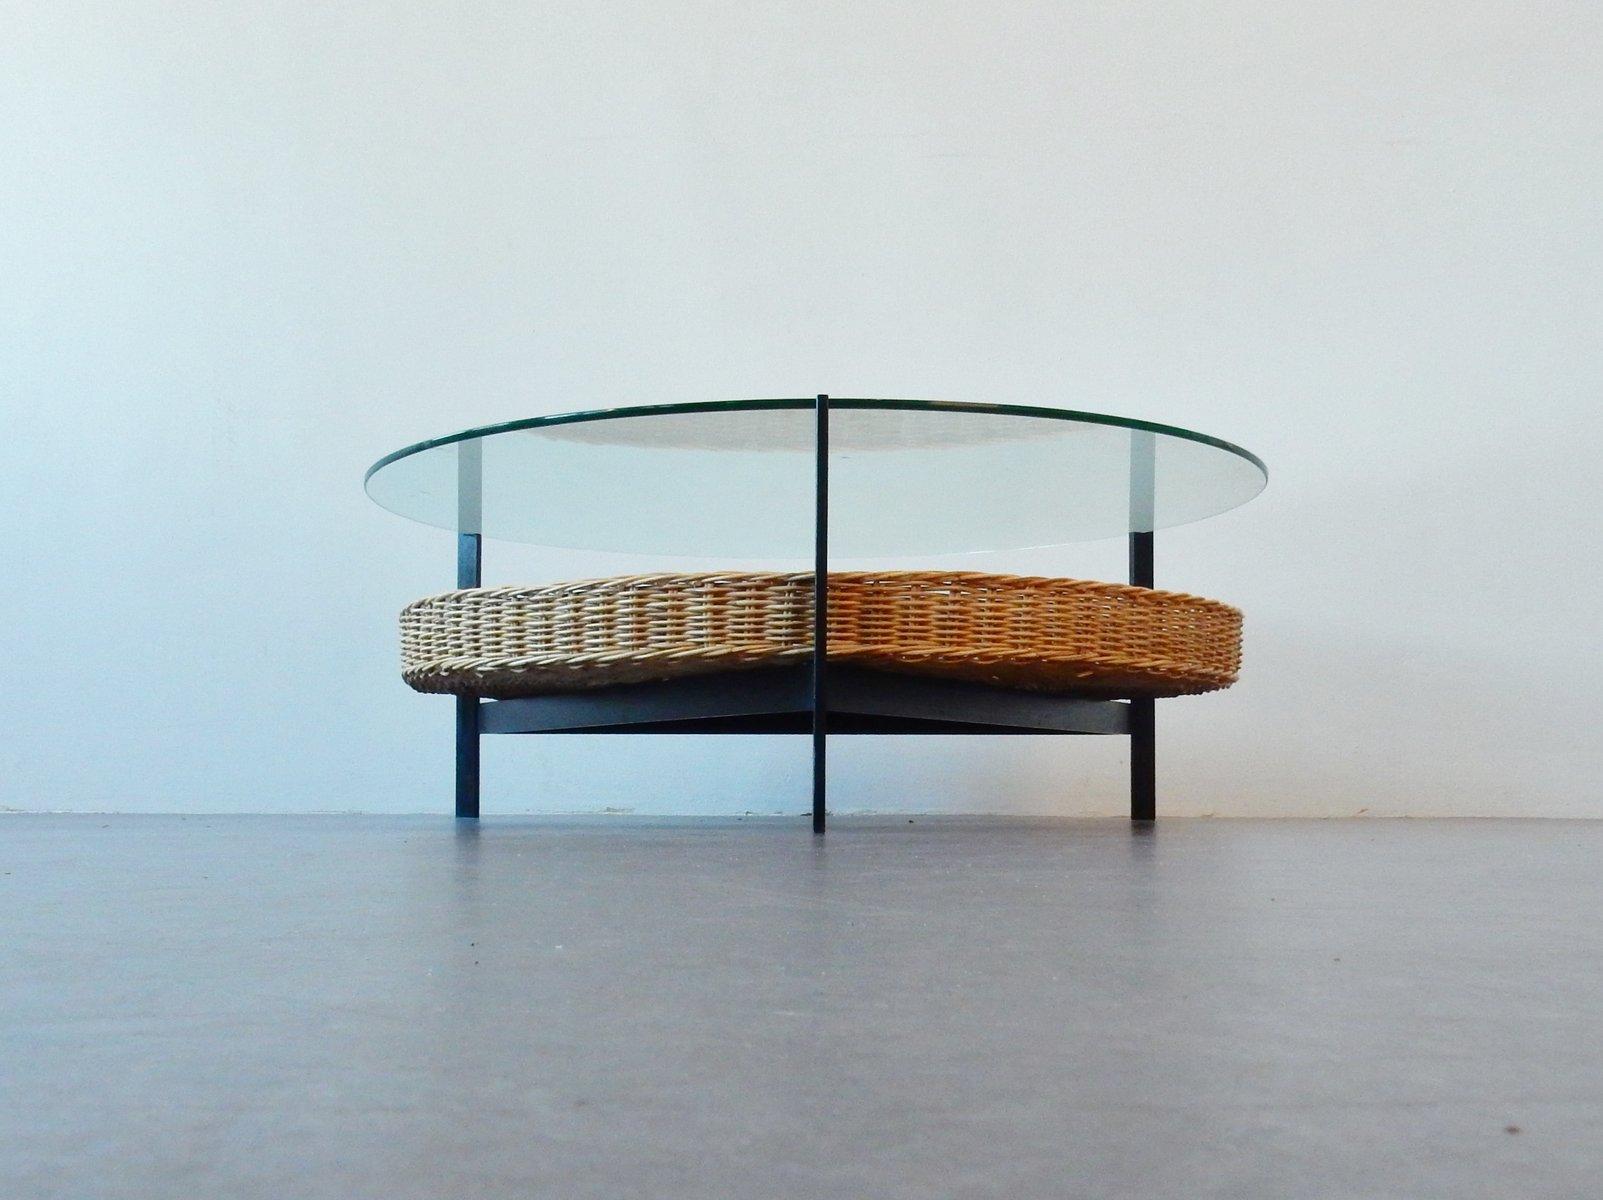 niederl ndischer vintage couchtisch mit korb bei pamono kaufen. Black Bedroom Furniture Sets. Home Design Ideas